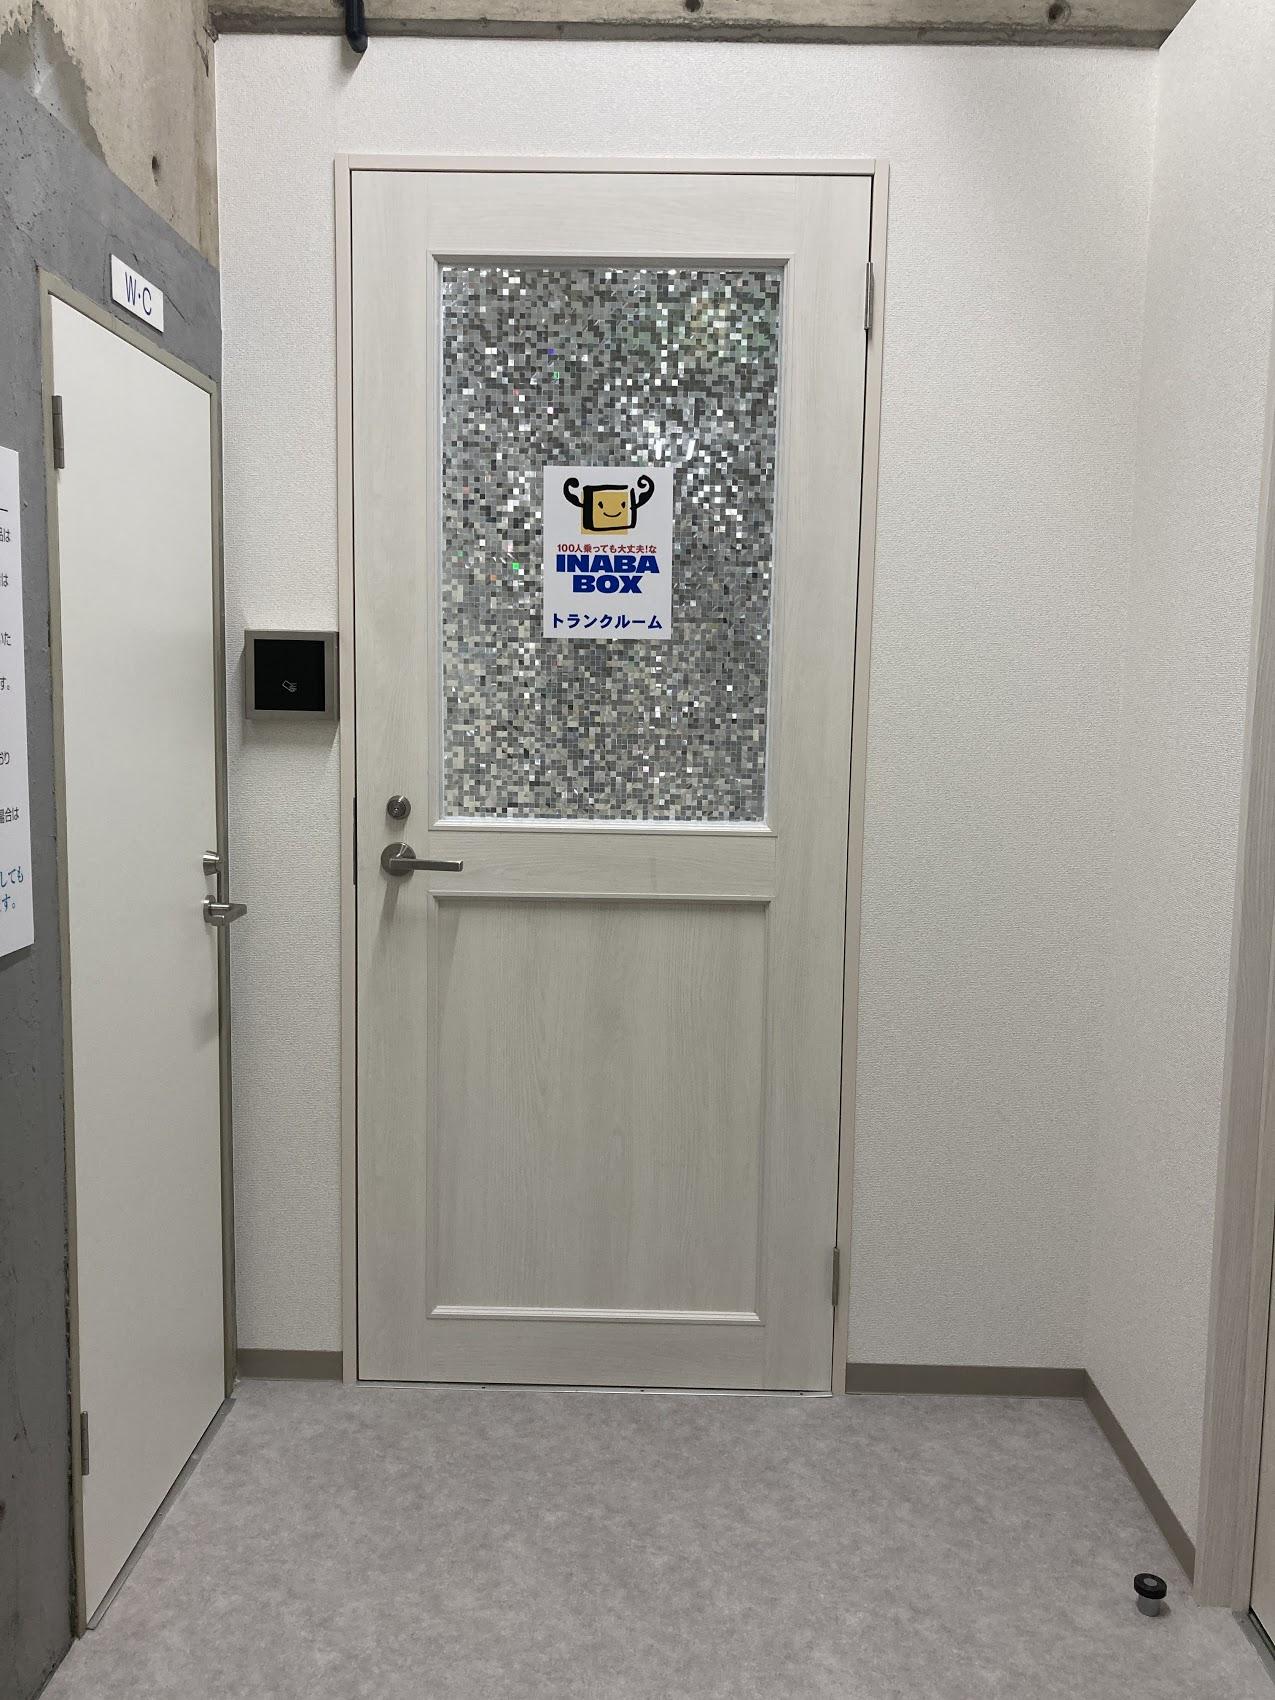 【新規OPEN】橘本町通り店(たちばなほんまちどおり) 4F店舗入口